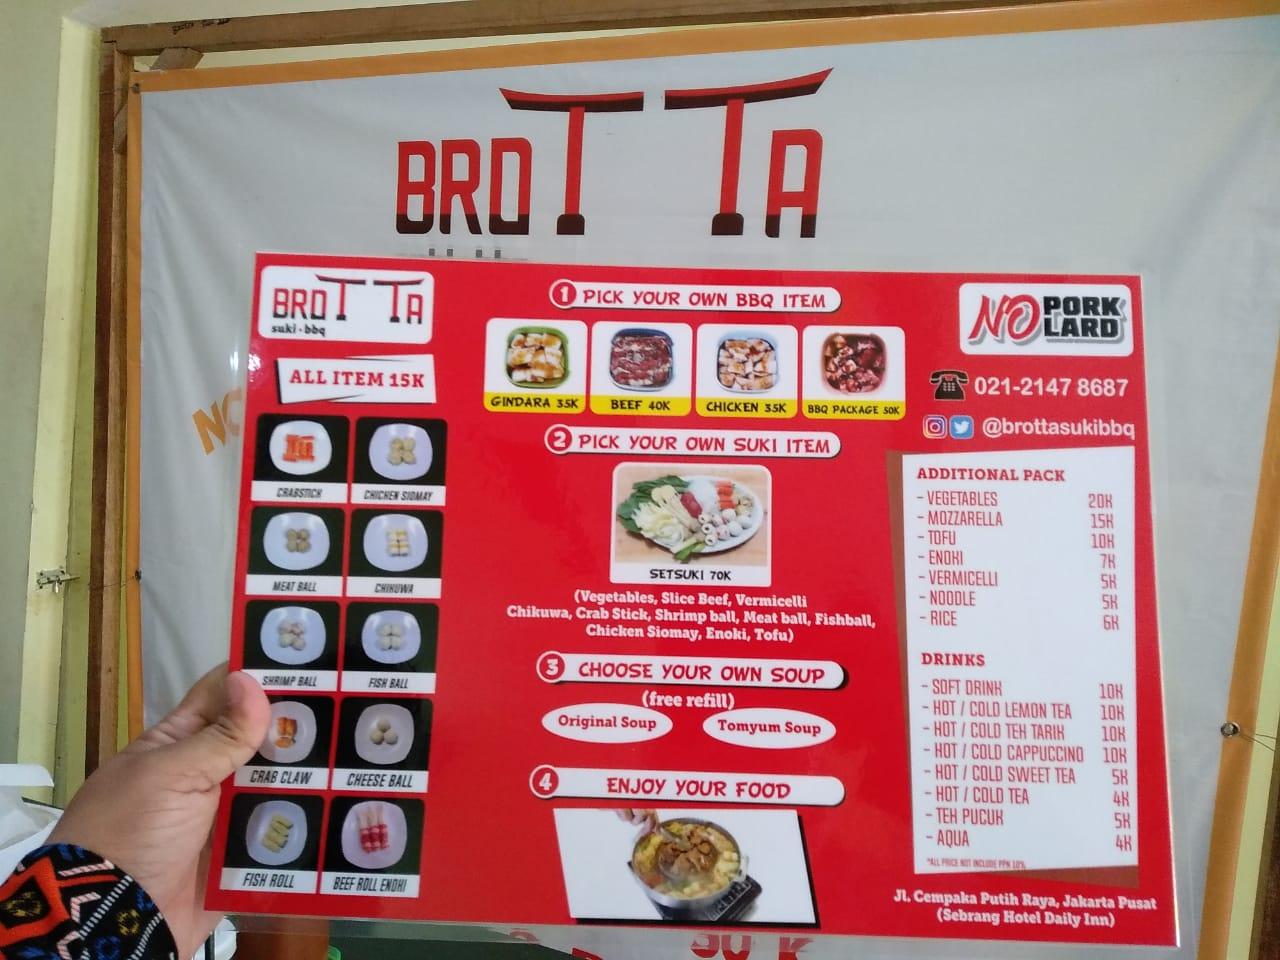 Daftar menu dan harga dari Brotta Suki BBQ